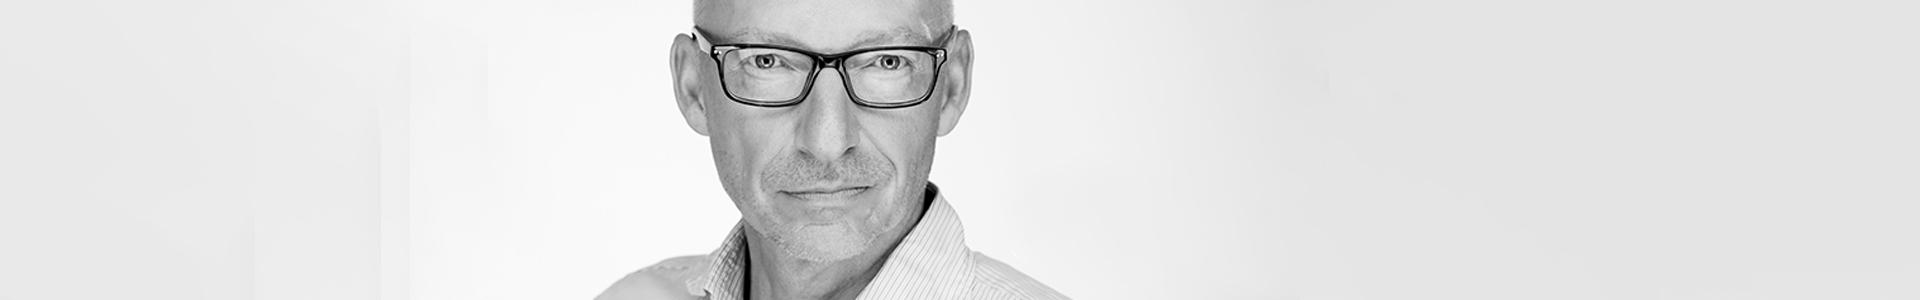 Expert Marketplace - Dr. Wolfram Schön